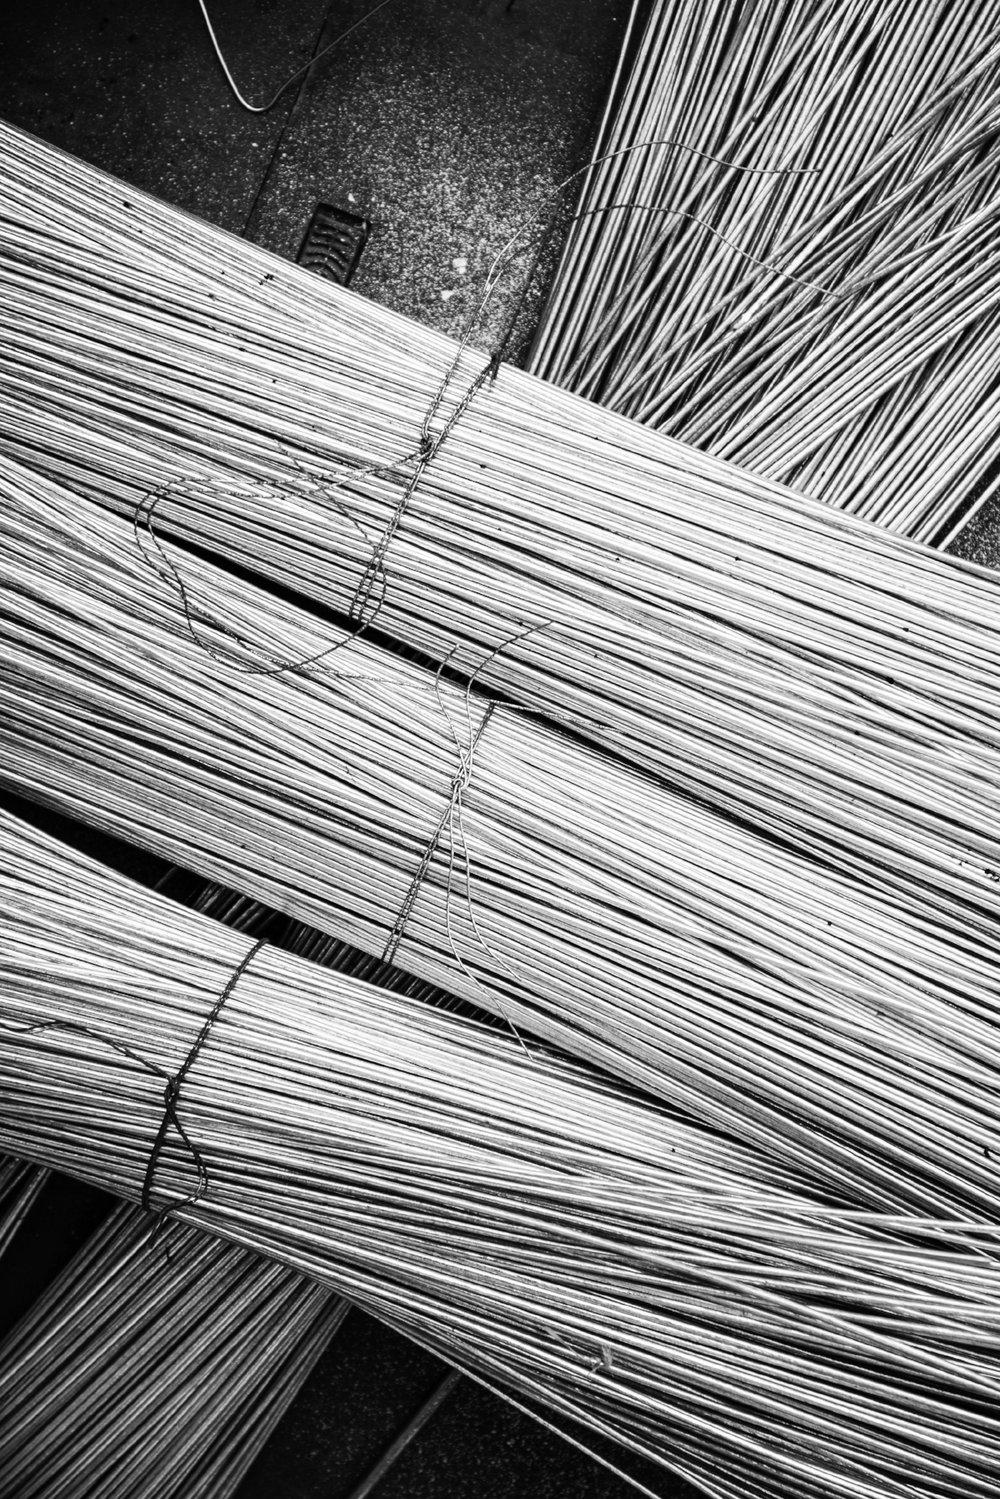 Korbo handwoven singlewire.jpg